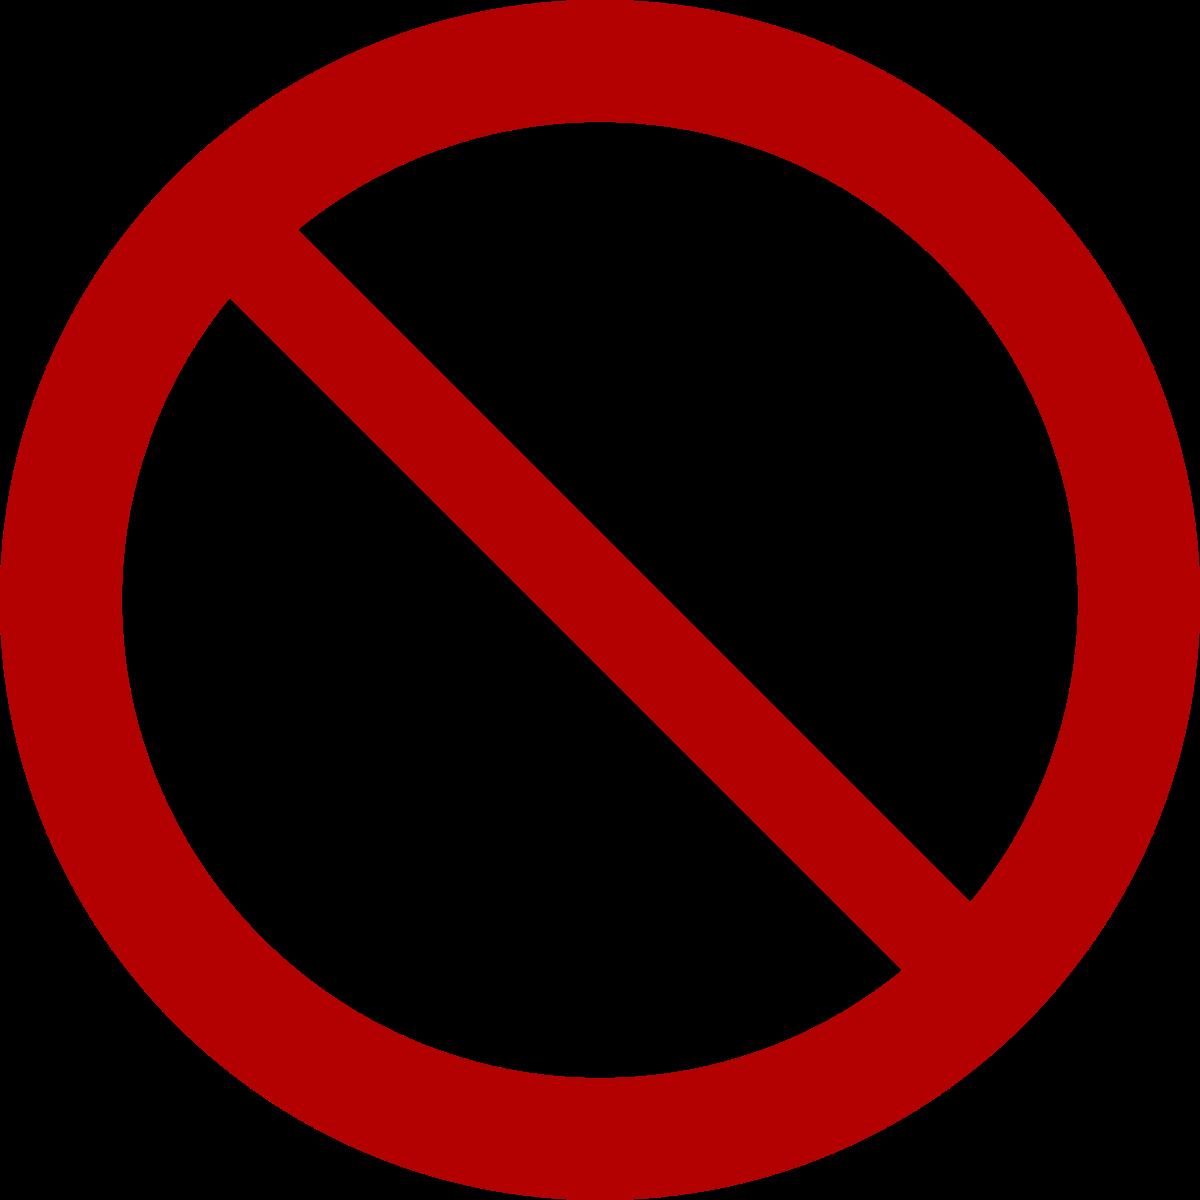 No symbol wikipedia . Thumb clipart circle